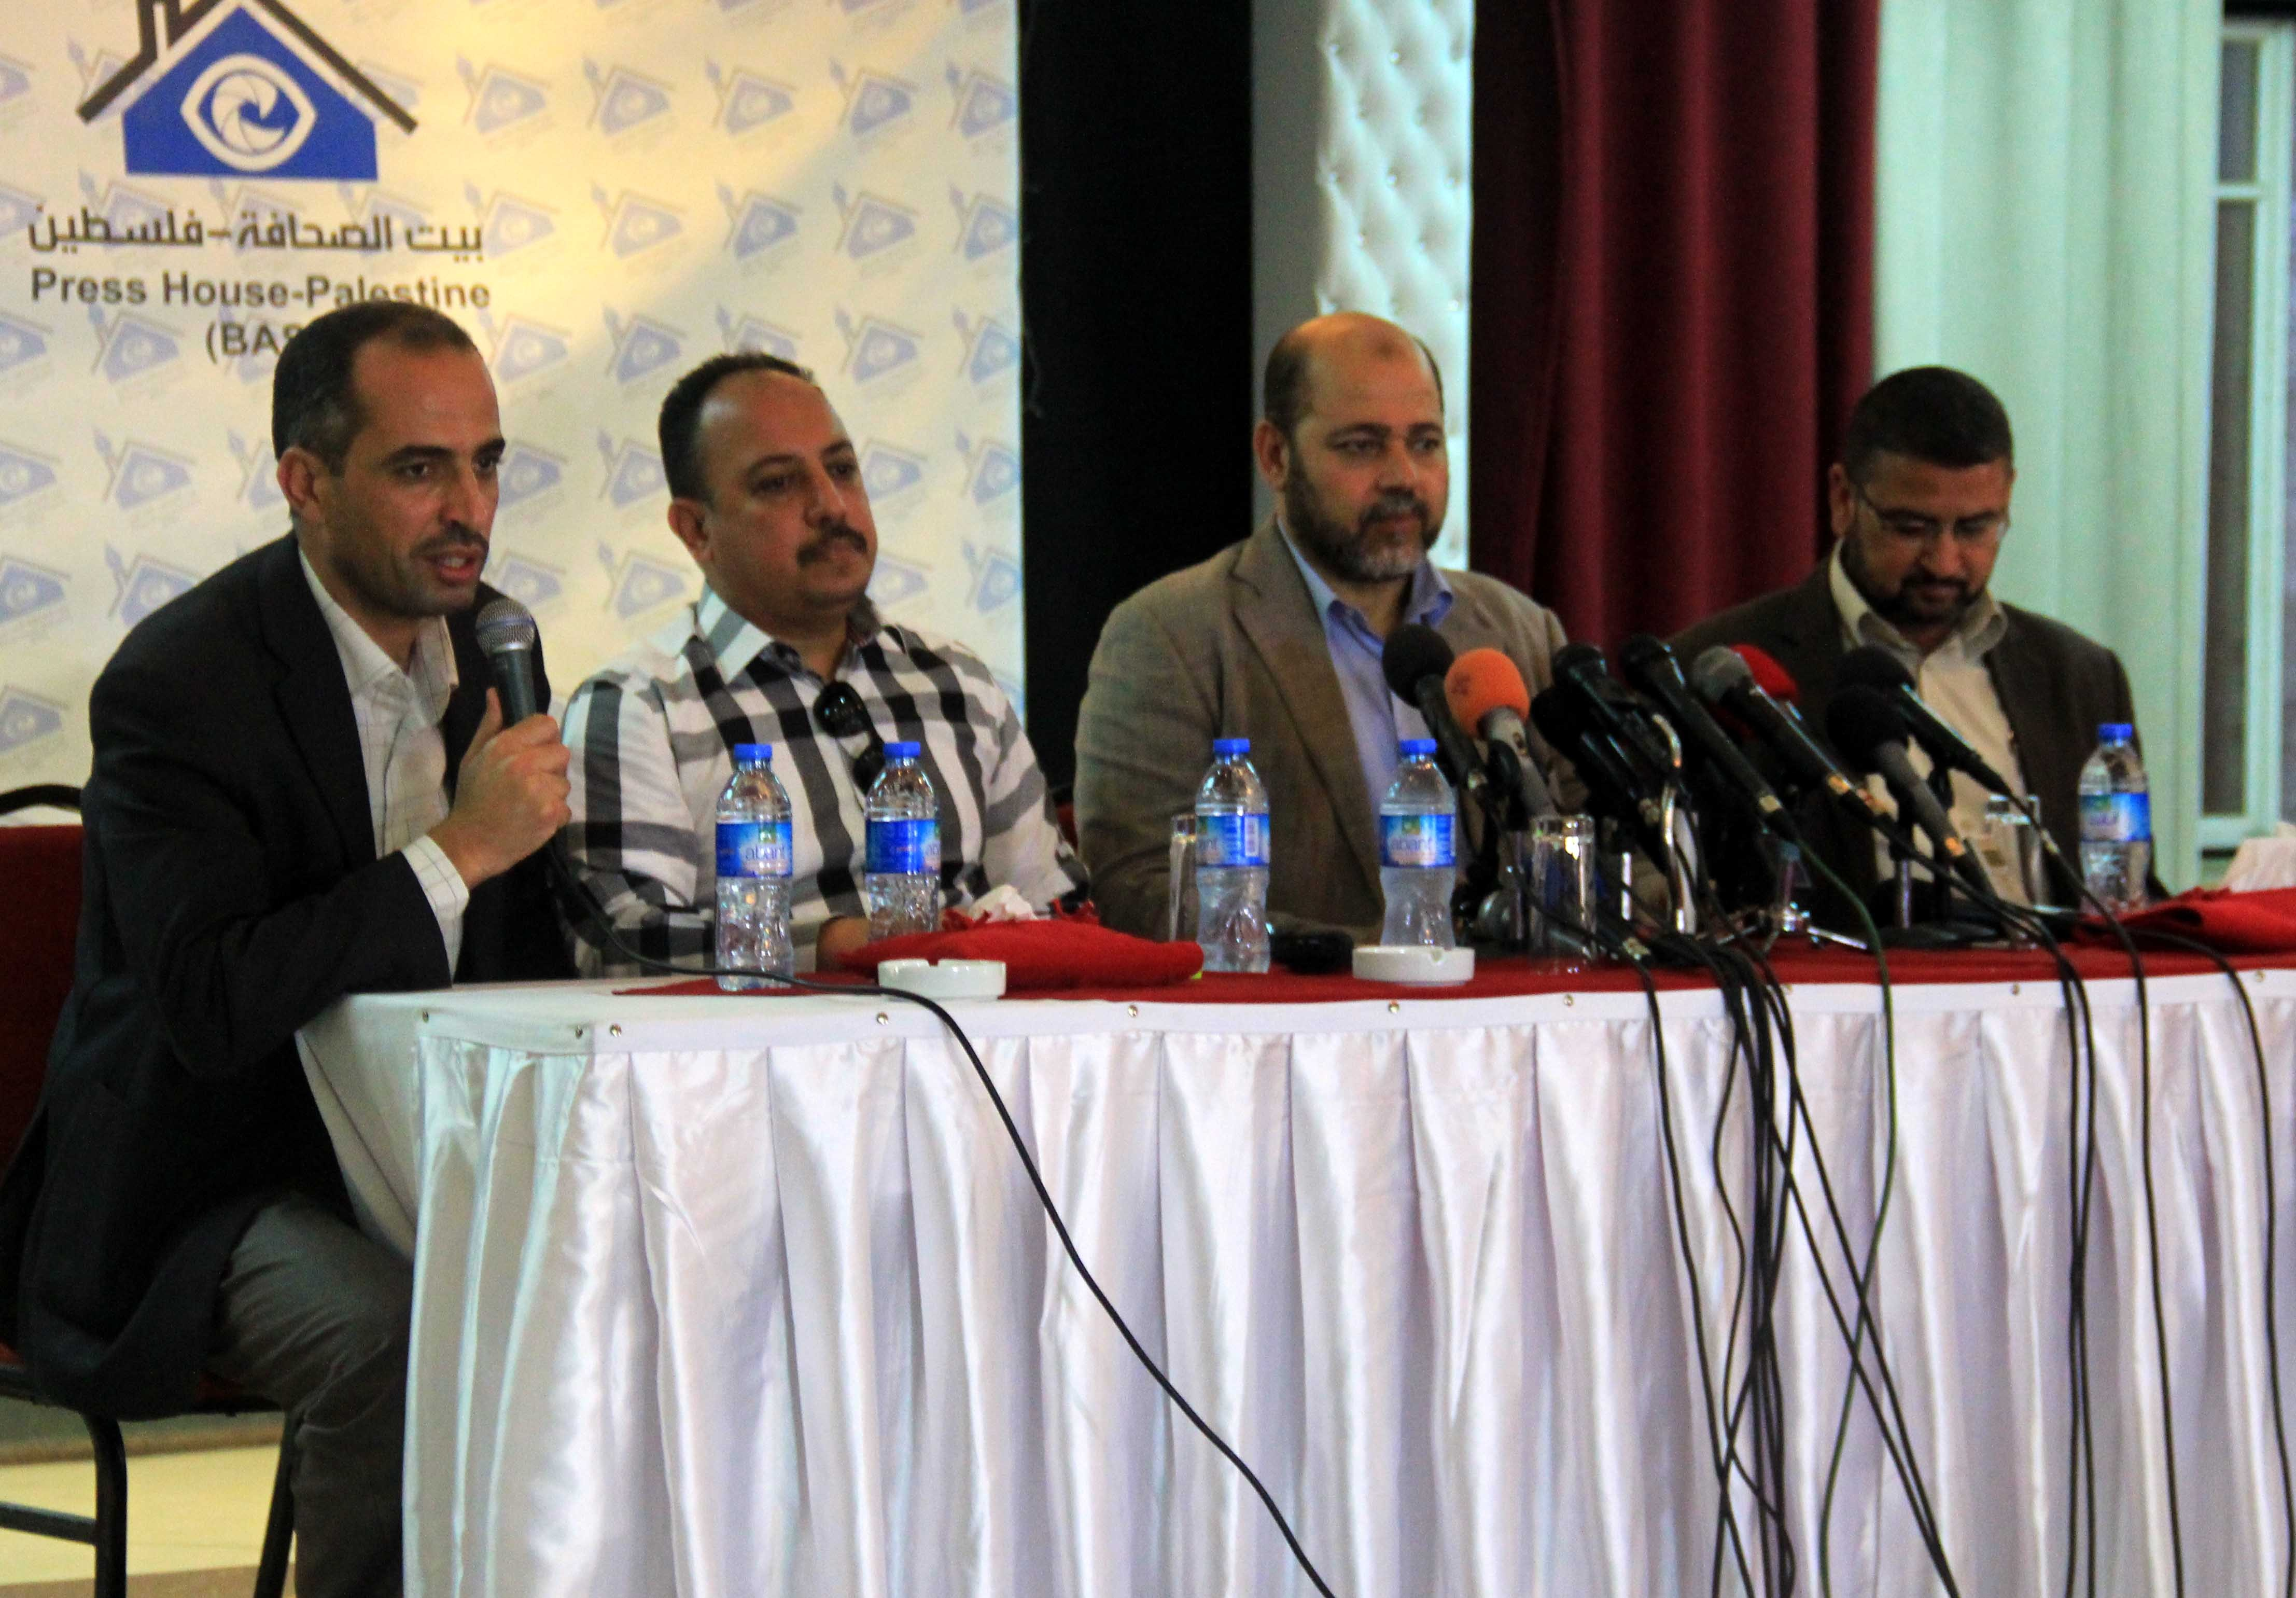 أبو مرزوق:الأحمد لغزة خلال يومين لبدء مشاورات تشكيل الحكومة